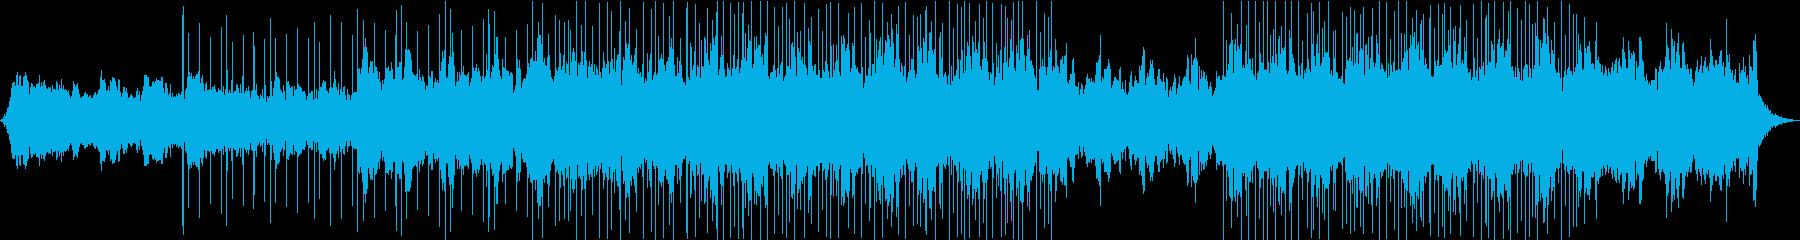 不気味・幻想的・エレクトロニカの再生済みの波形